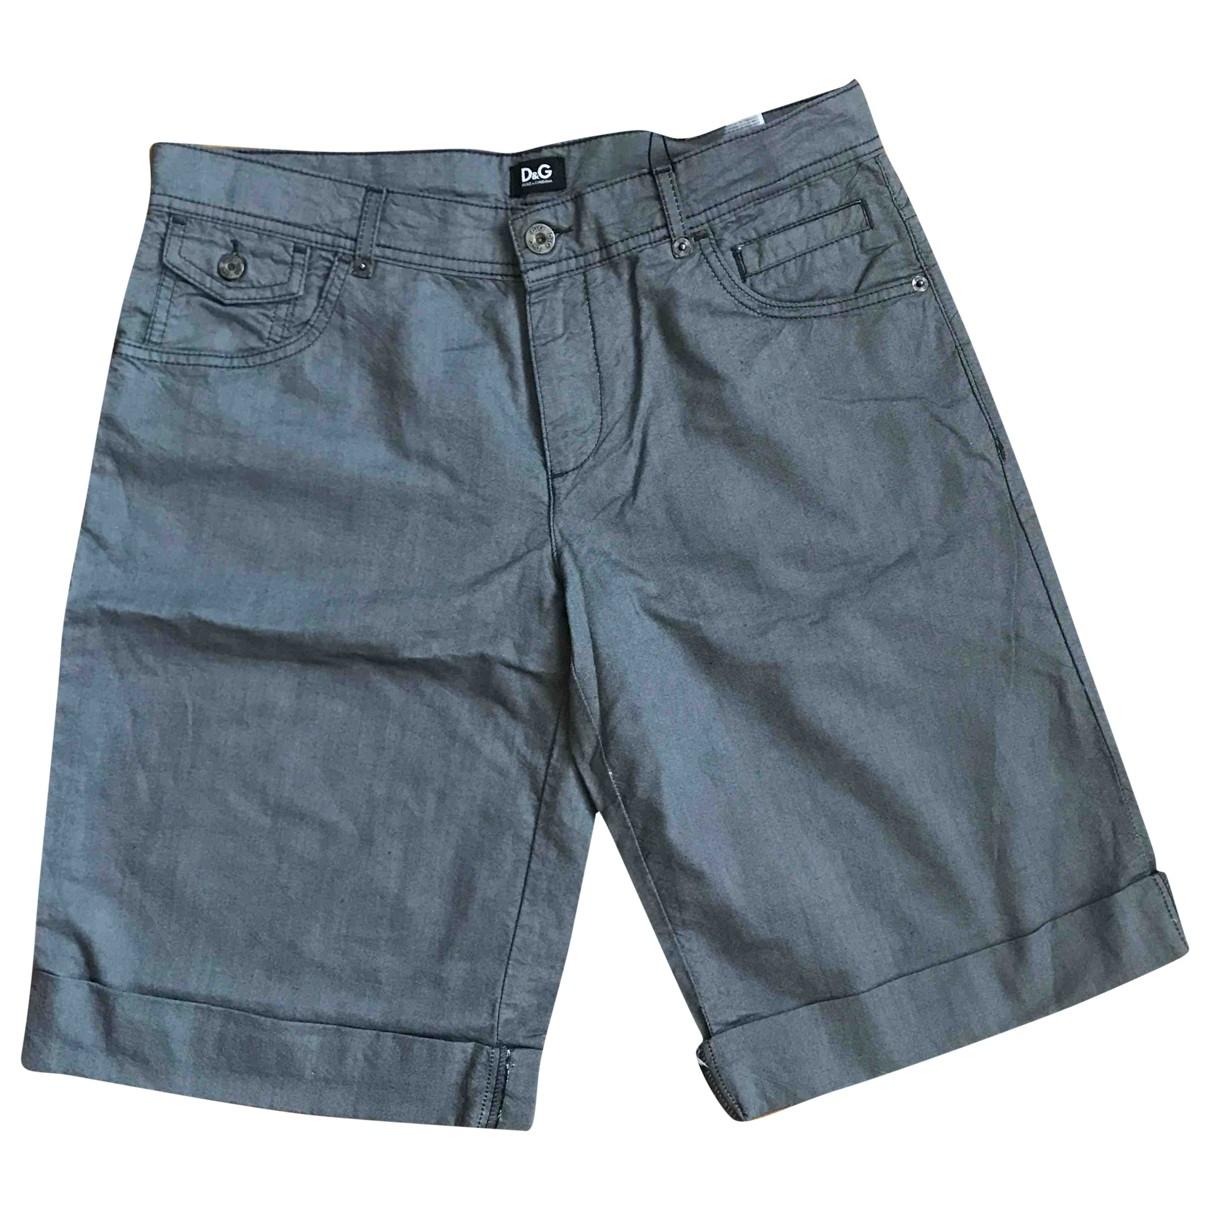 D&g - Short   pour homme en coton - gris